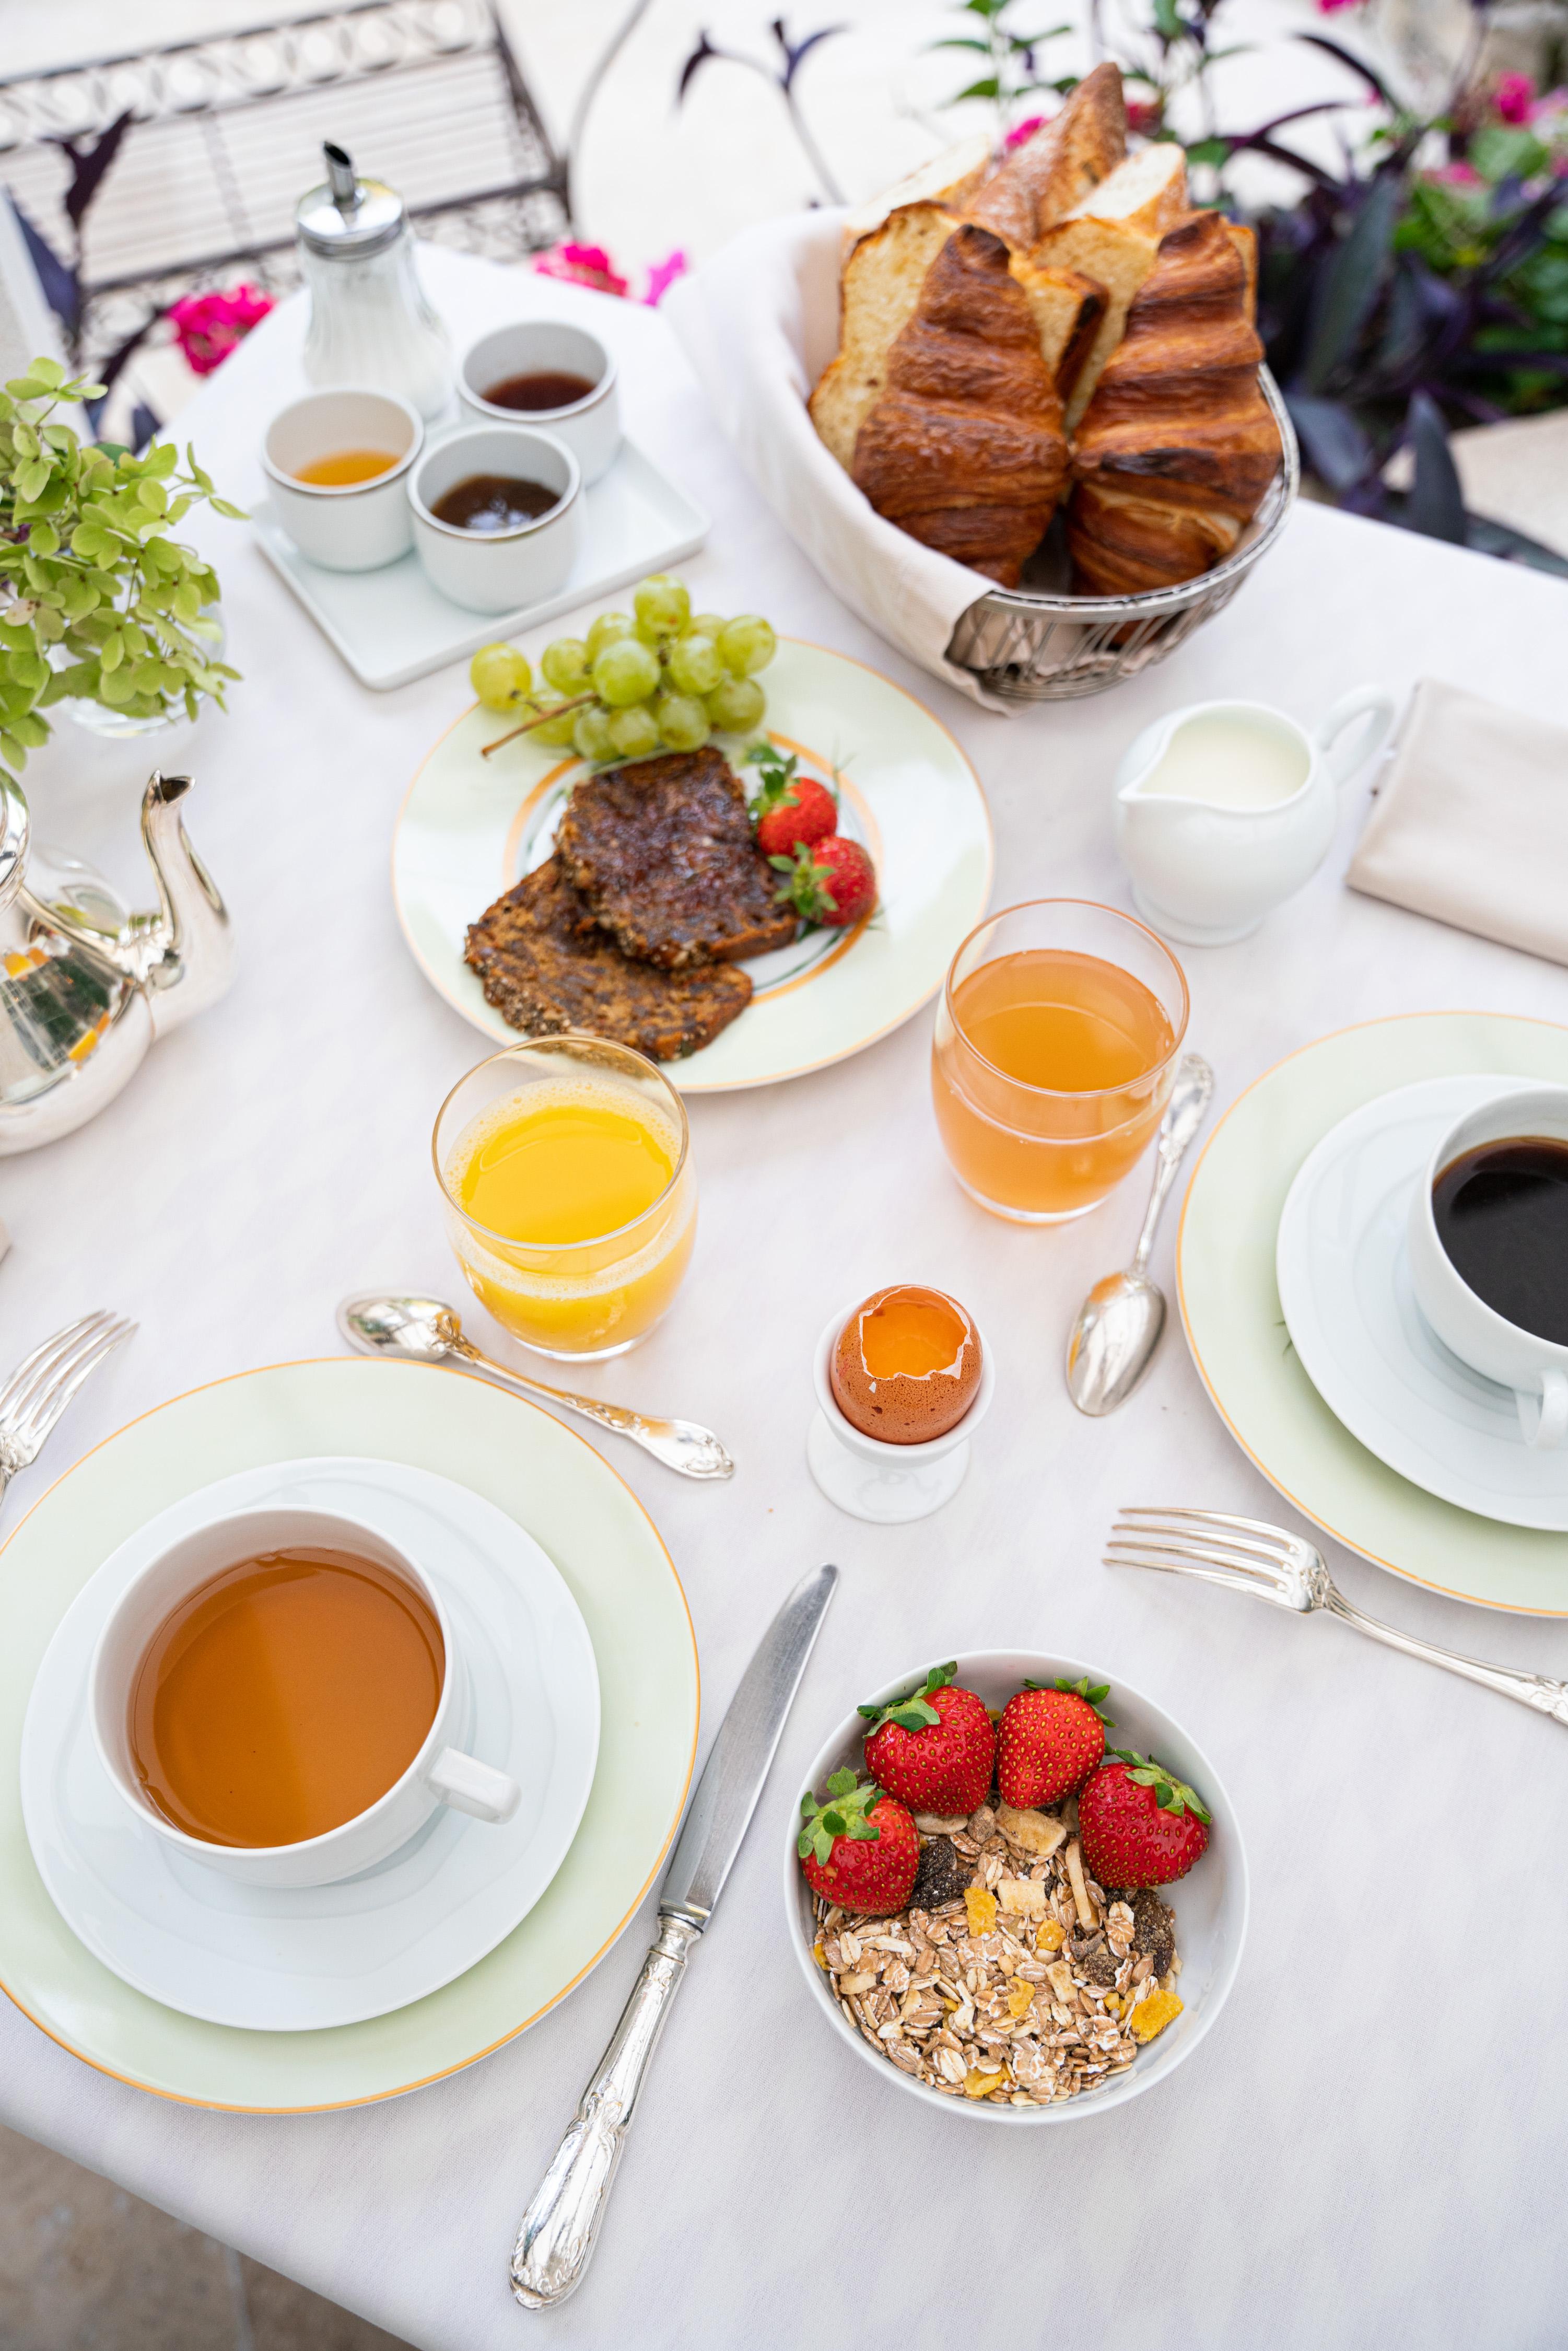 Le mardi, les petits déjeuners sont compris !